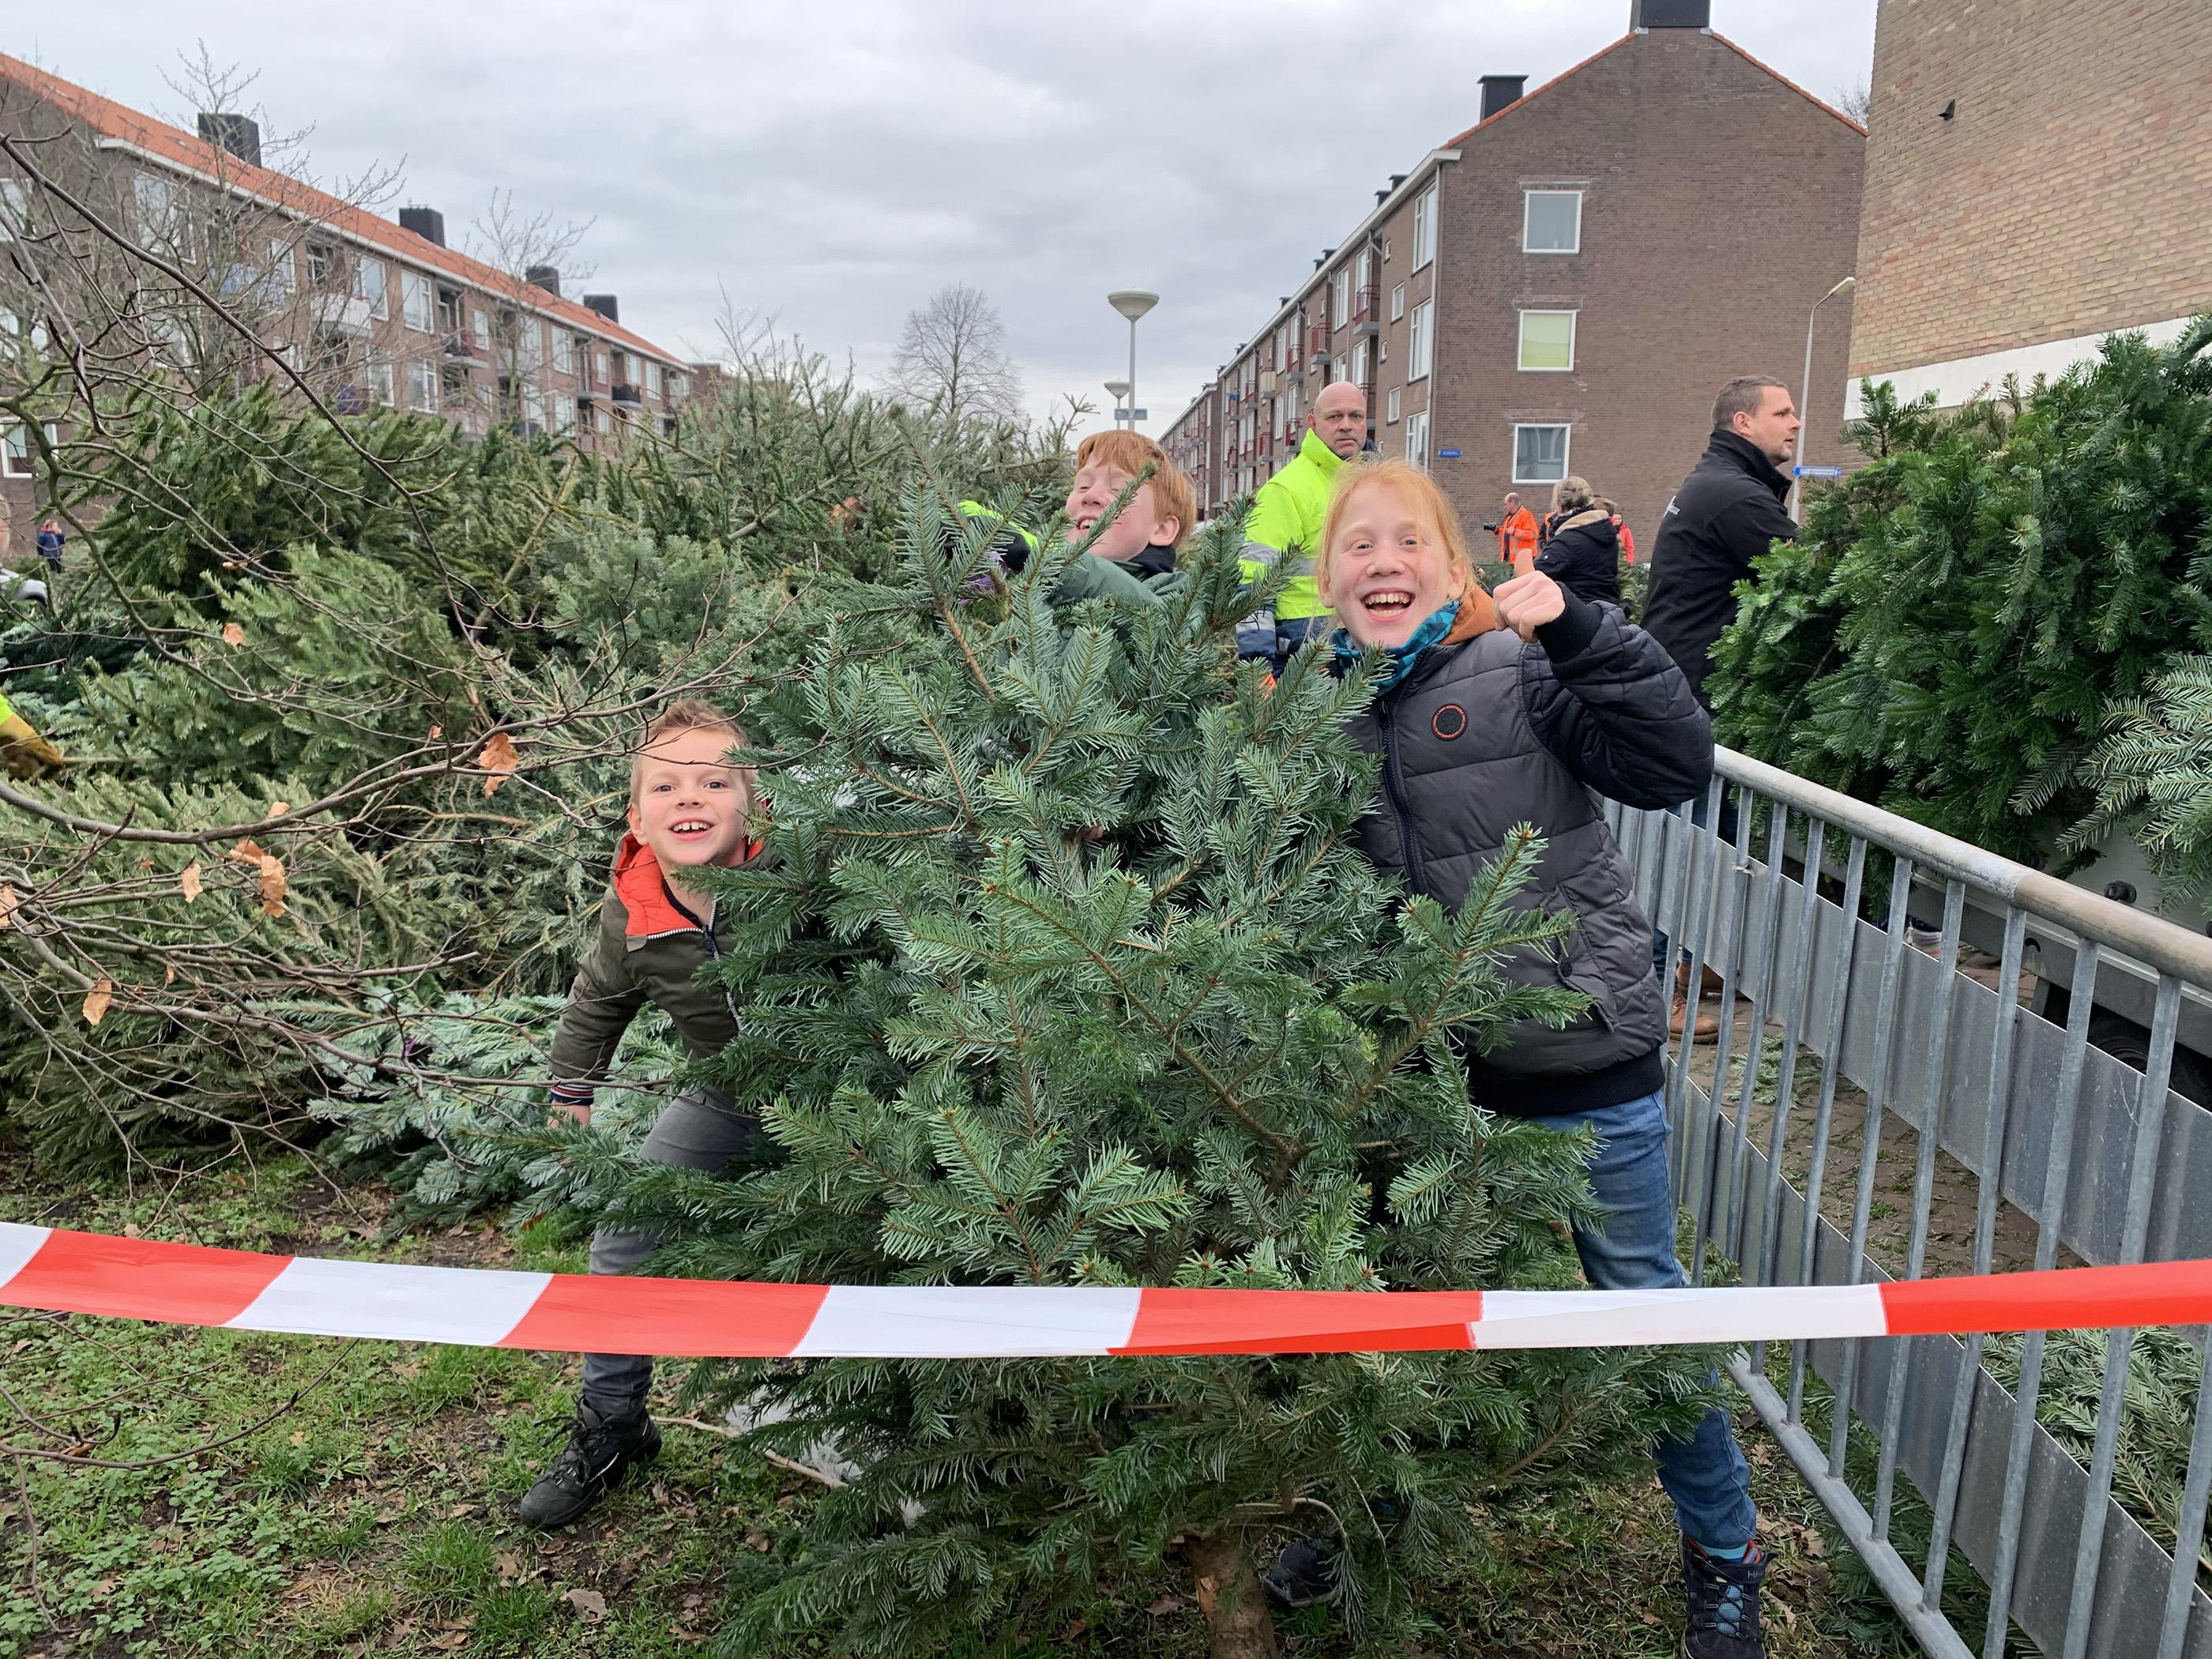 Met zweet op het voorhoofd brengen Luuk en Jay een kerstboom van zeven meter naar de inzamelplek in IJmuiden